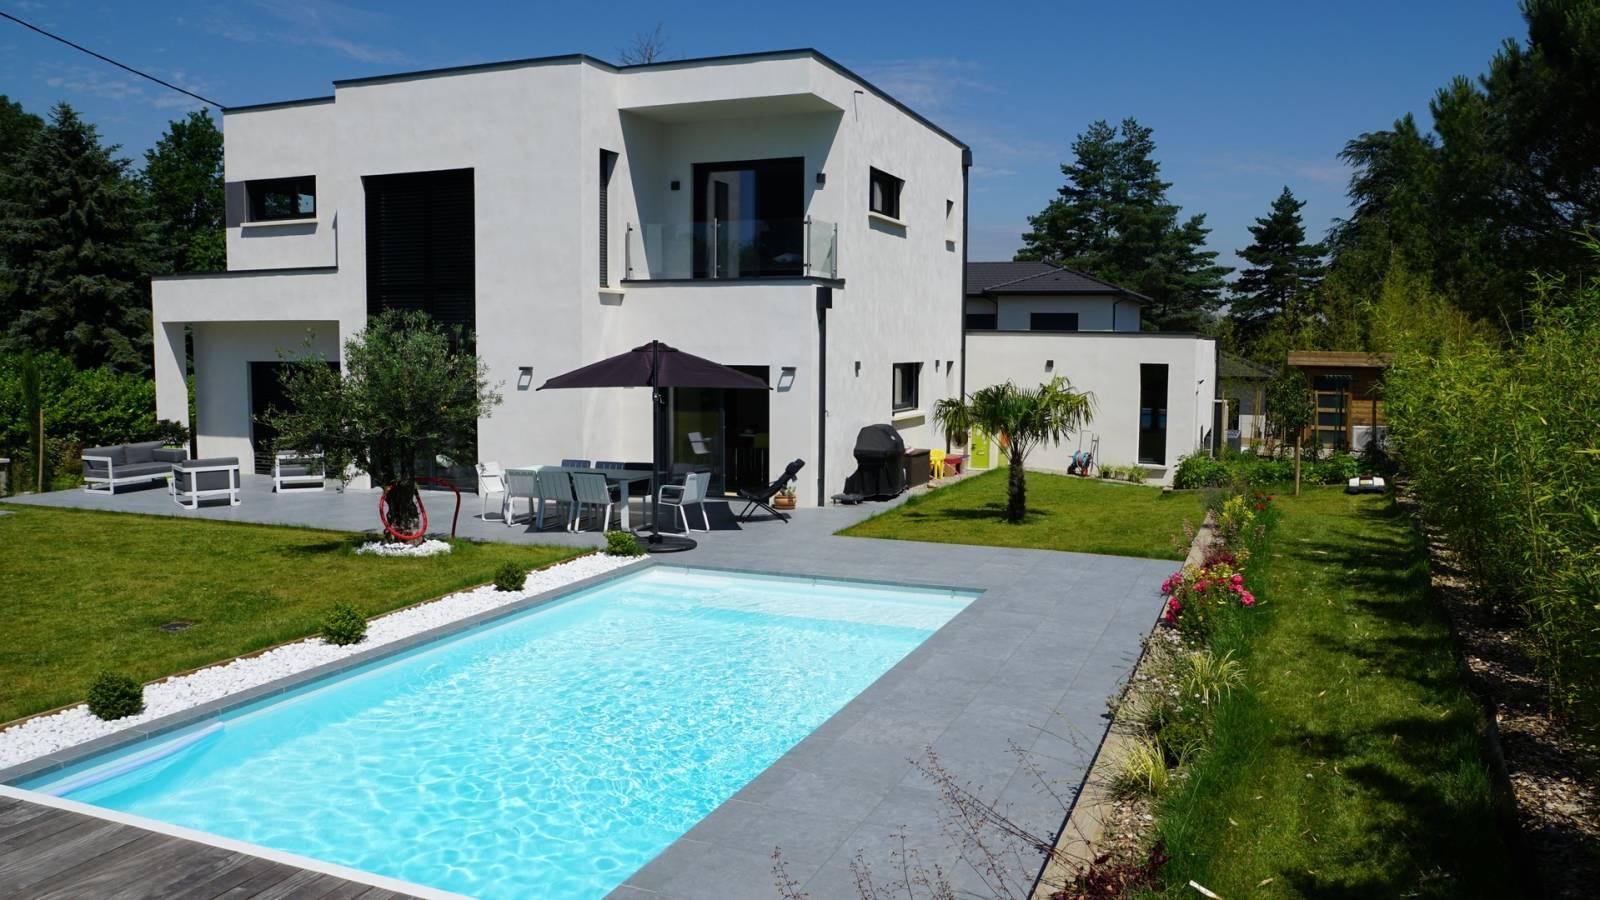 Maison contemporaine cubique toit plats avec mur rideau Dommartin ...